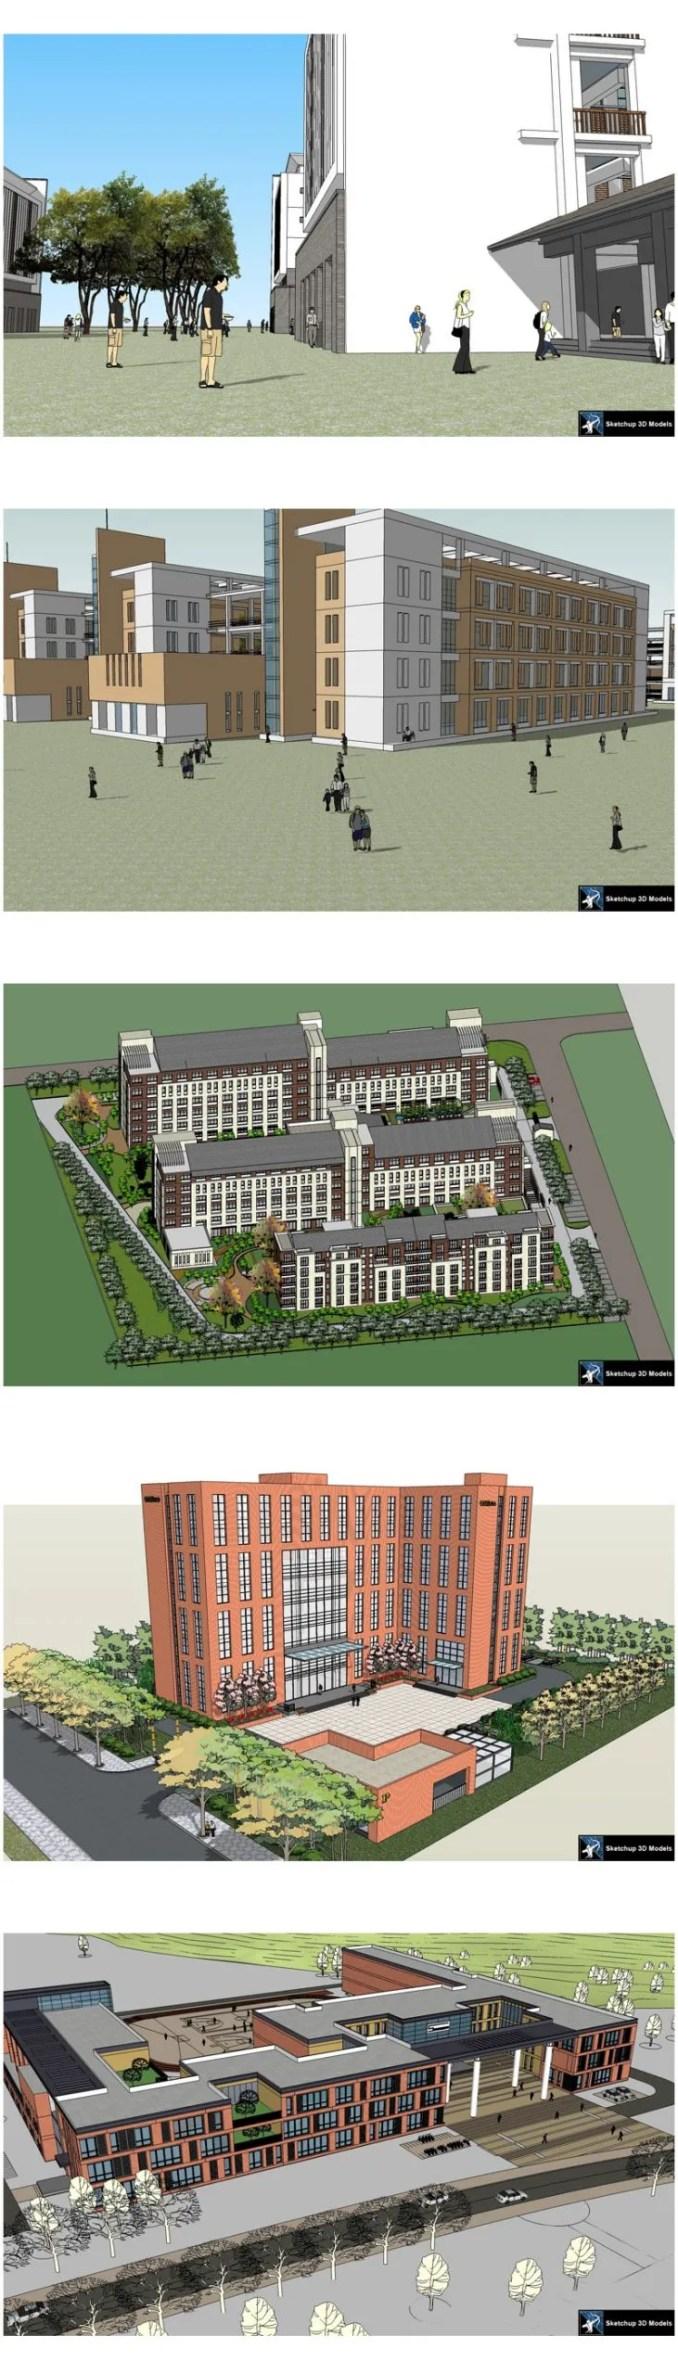 【建築3D Sketchup模型-精選20件學校建築3D Sketchup模型 V7】